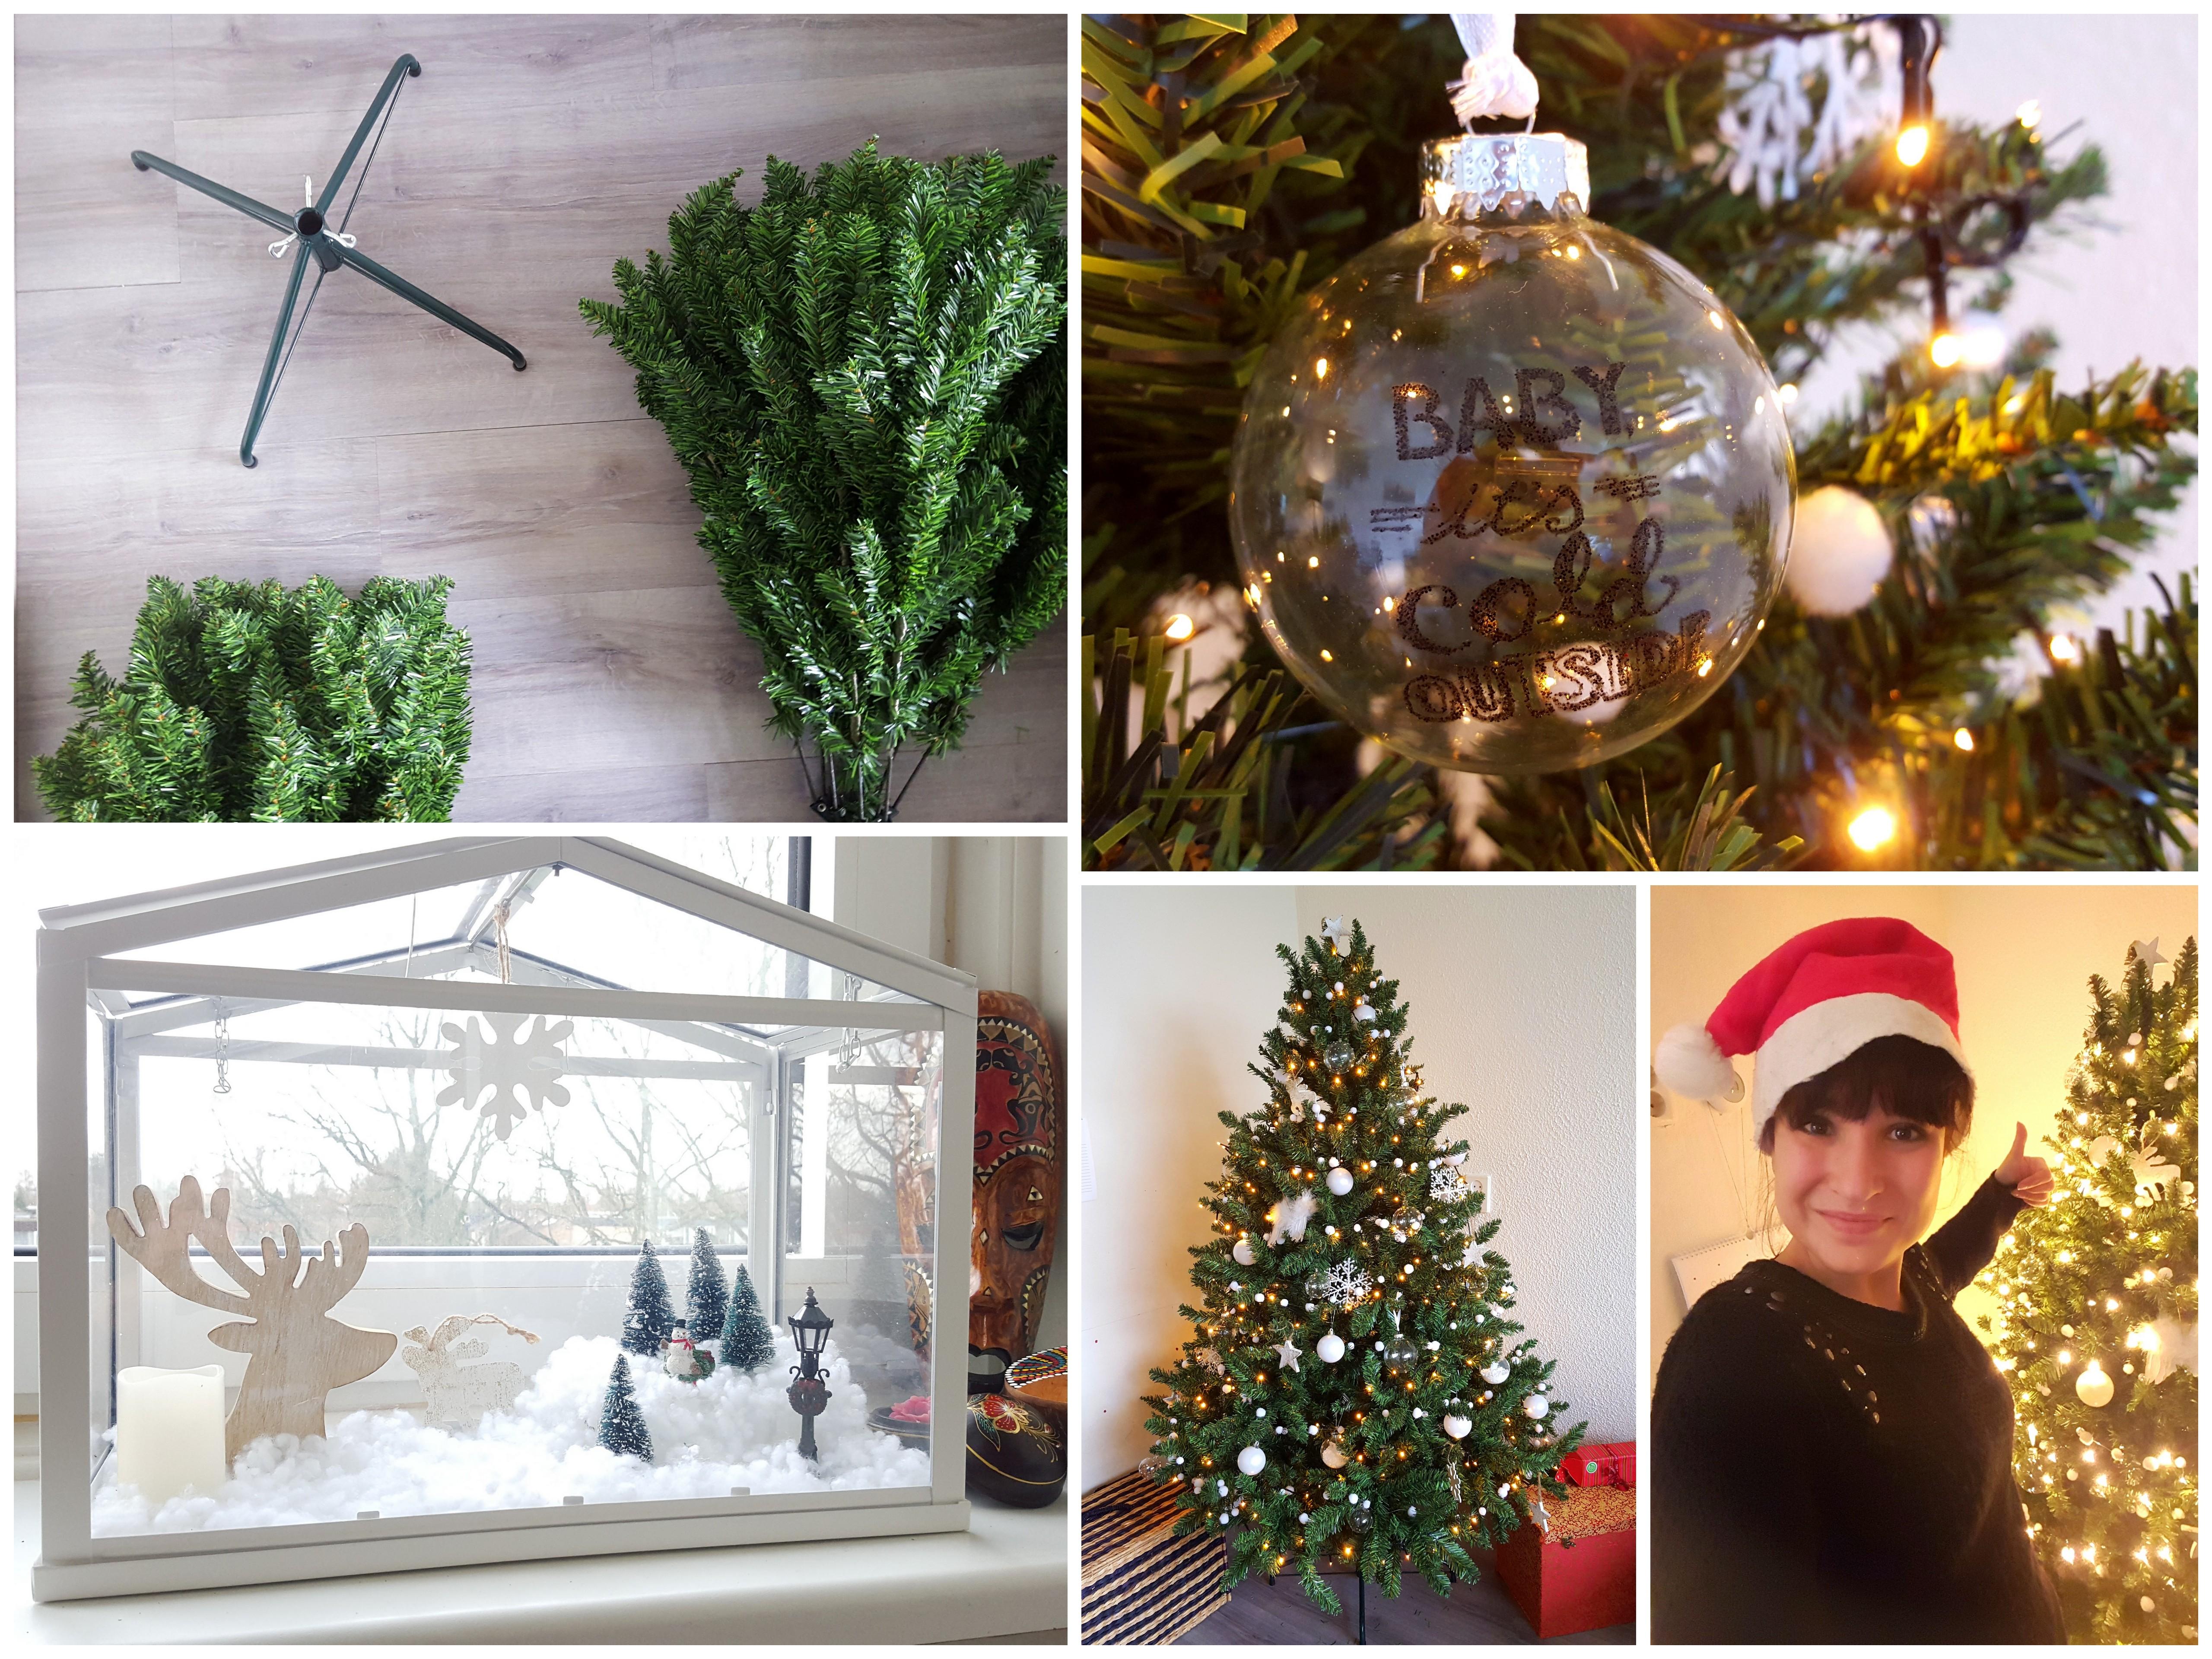 kerstboom opzetten kerst interieur